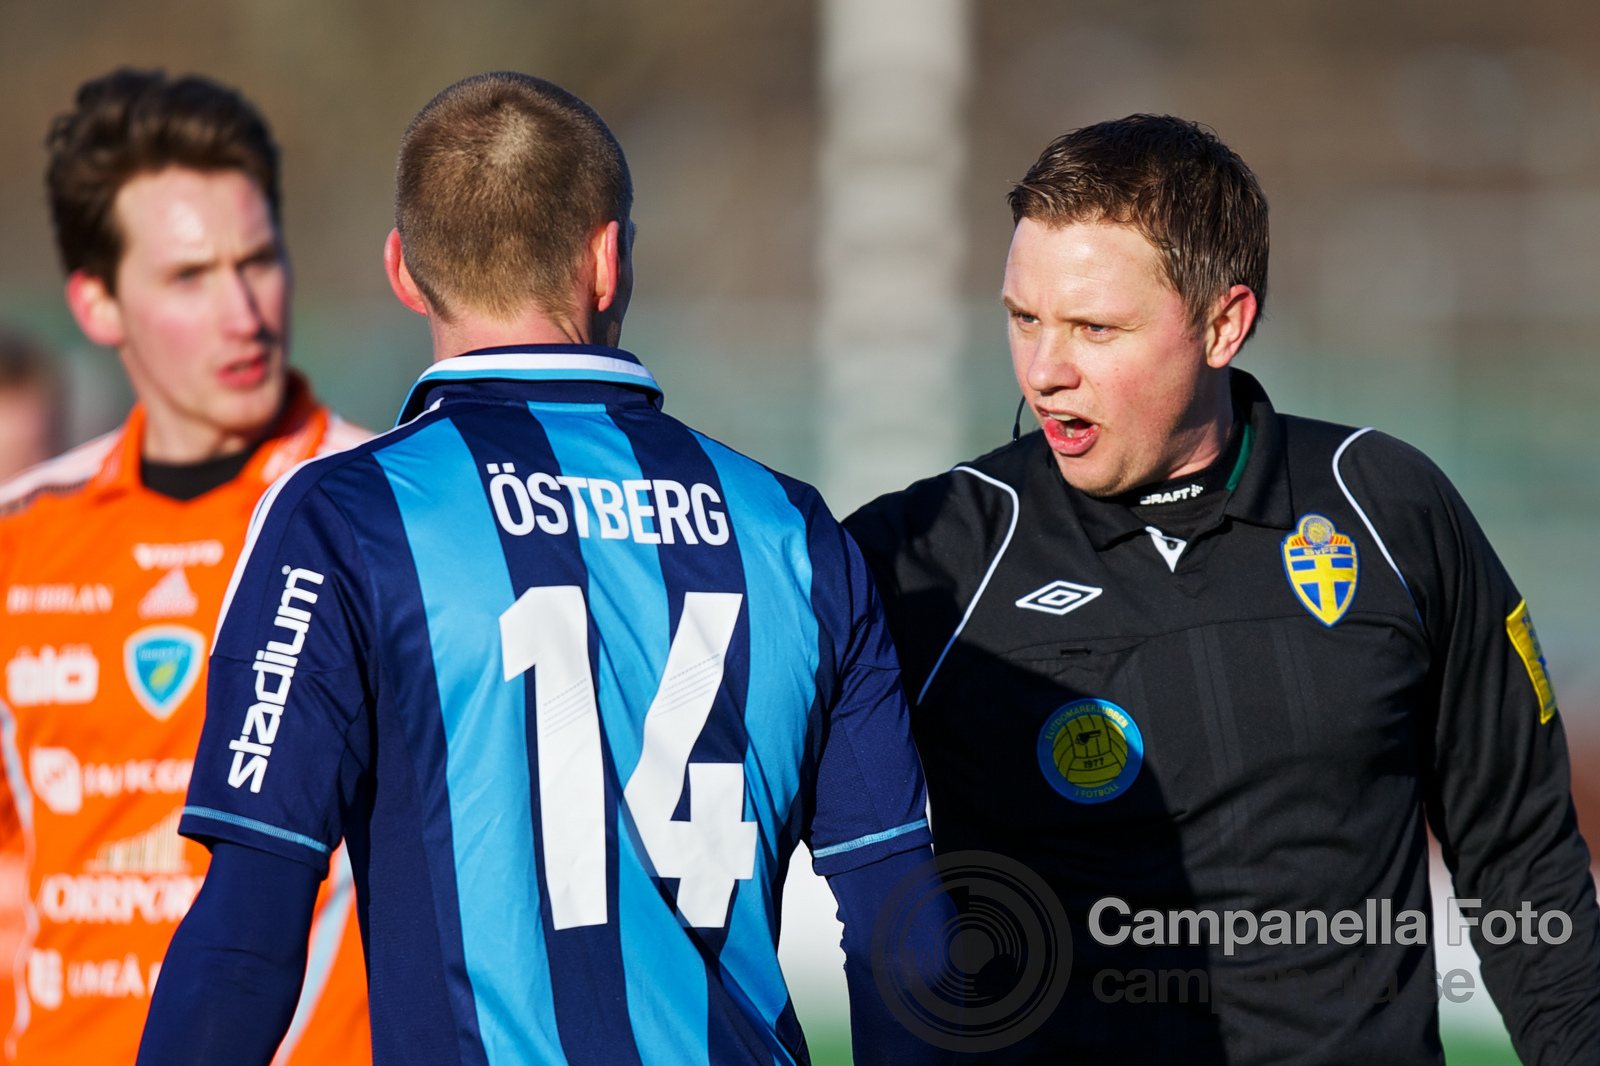 Djurgårdens IF Vs Umeå FC - 2013-03-03 - 6 of 8